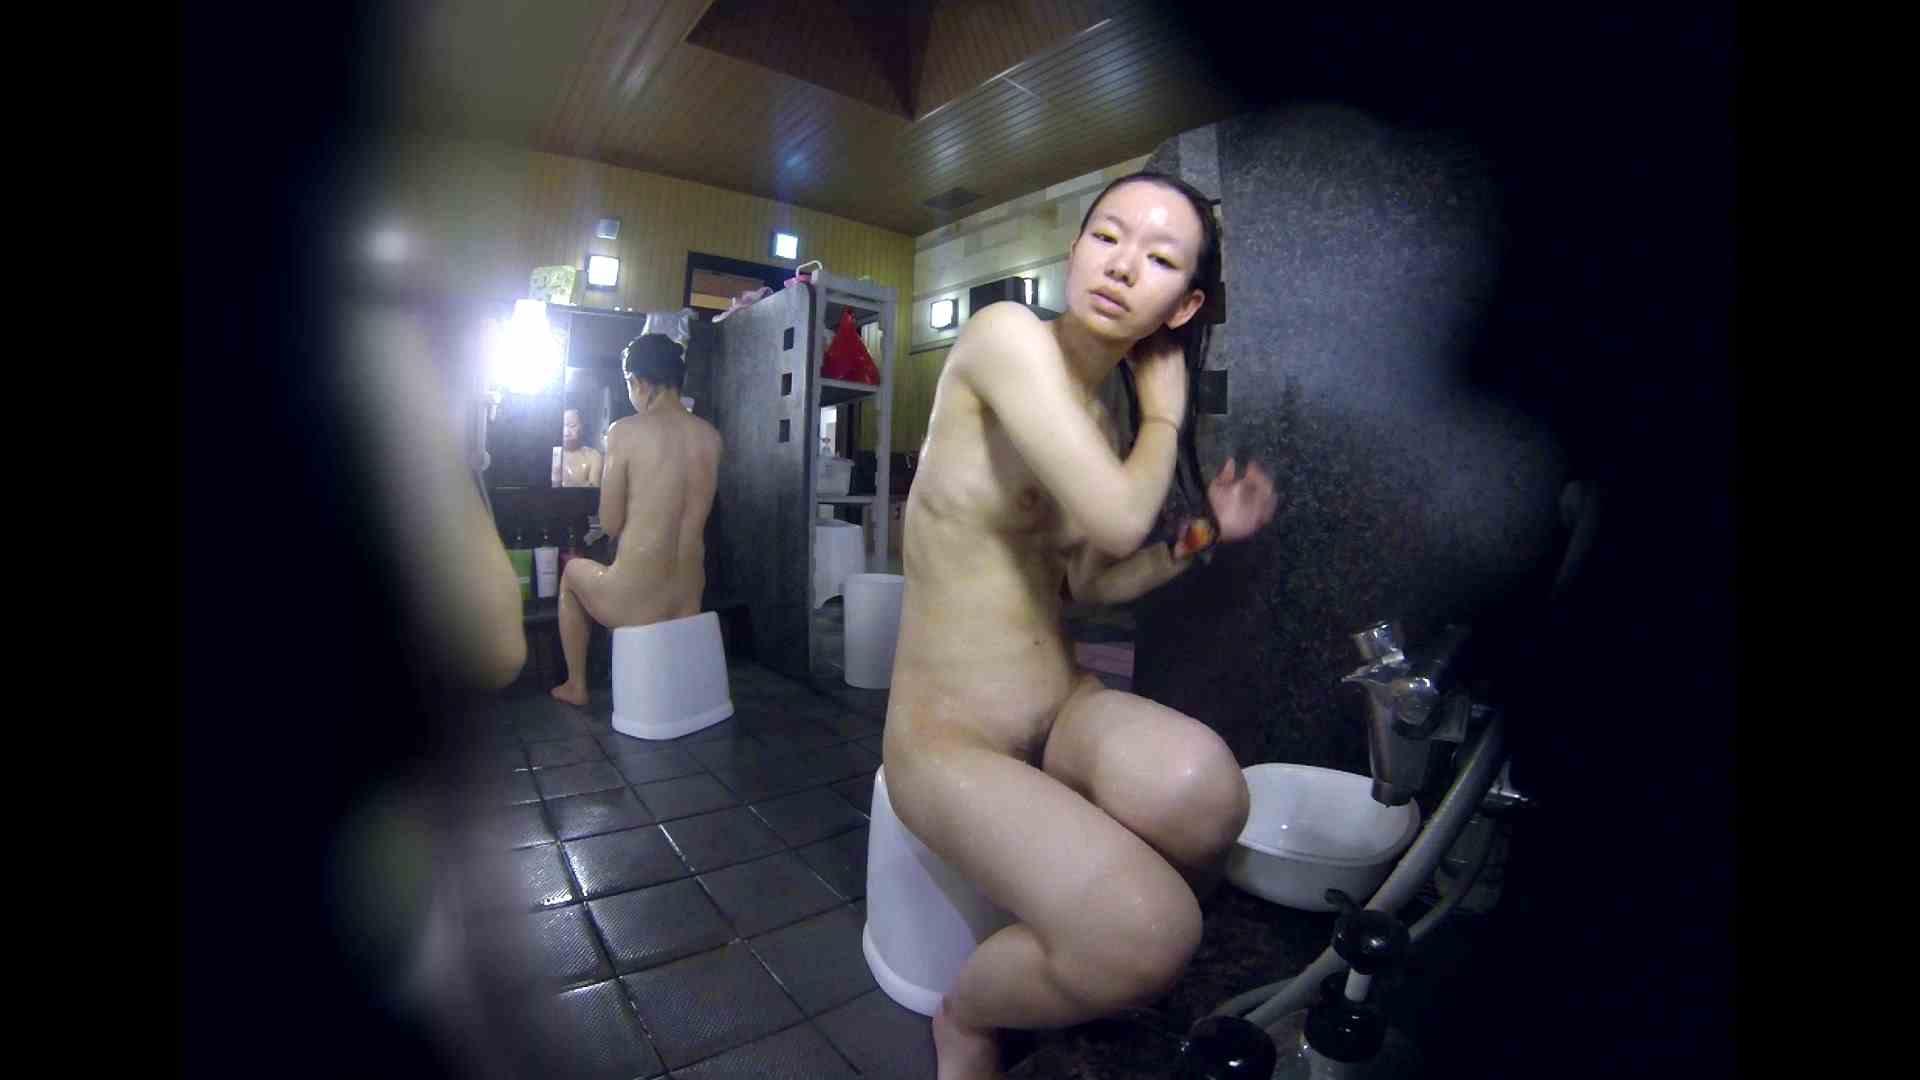 洗い場!可愛い?ブサイク?確かなのは貧乳であること 女湯 セックス画像 61画像 3